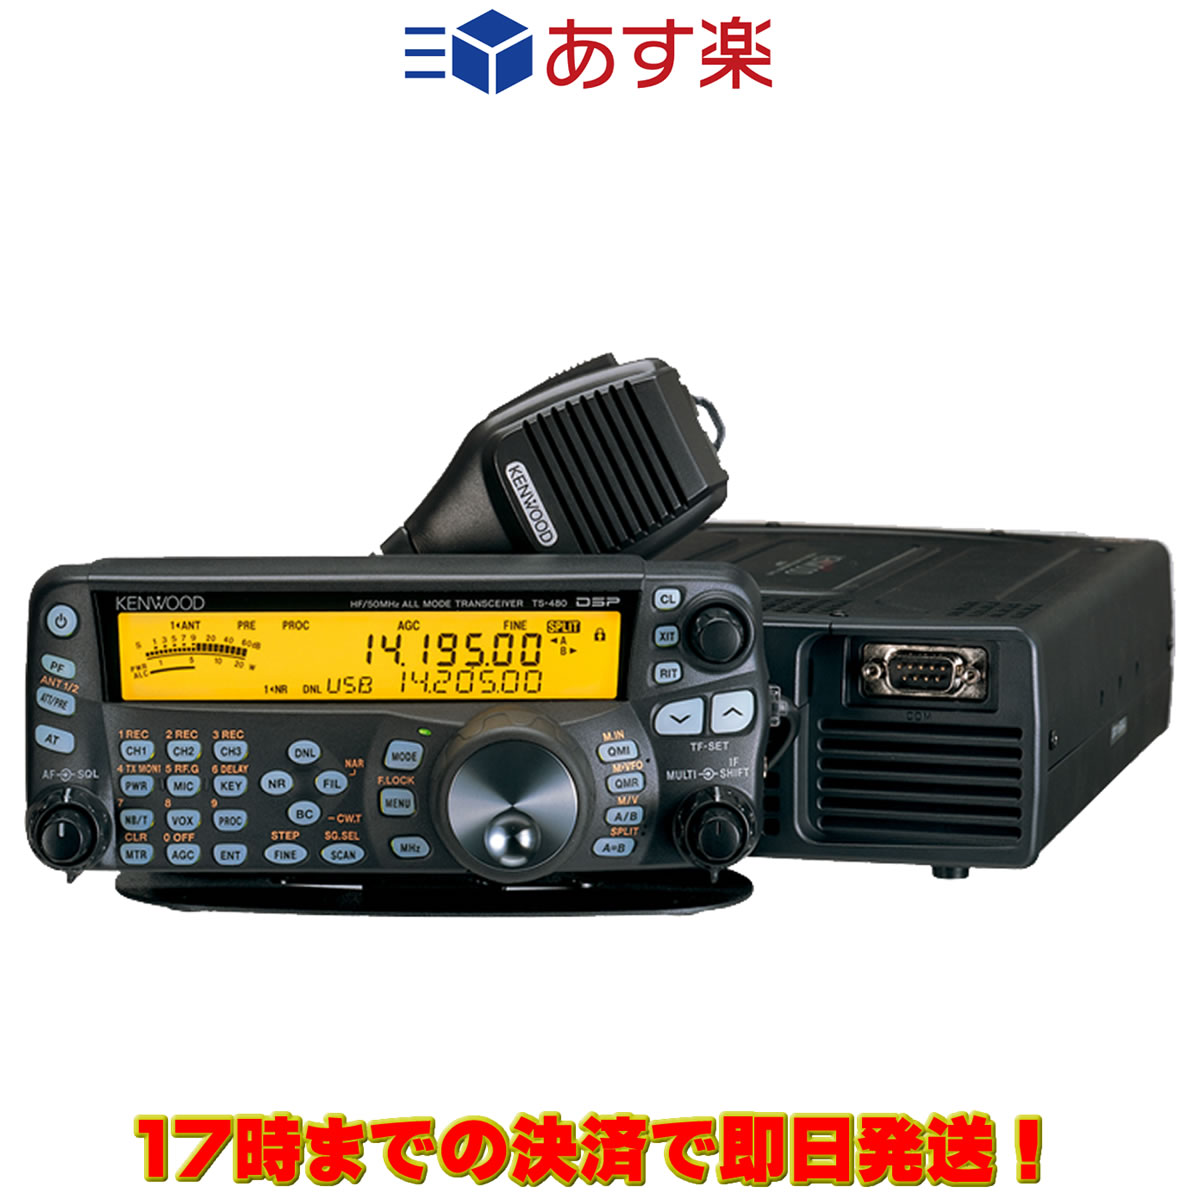 TS-480DAT ケンウッド HF/50MHz帯オールモードトランシーバー 50W